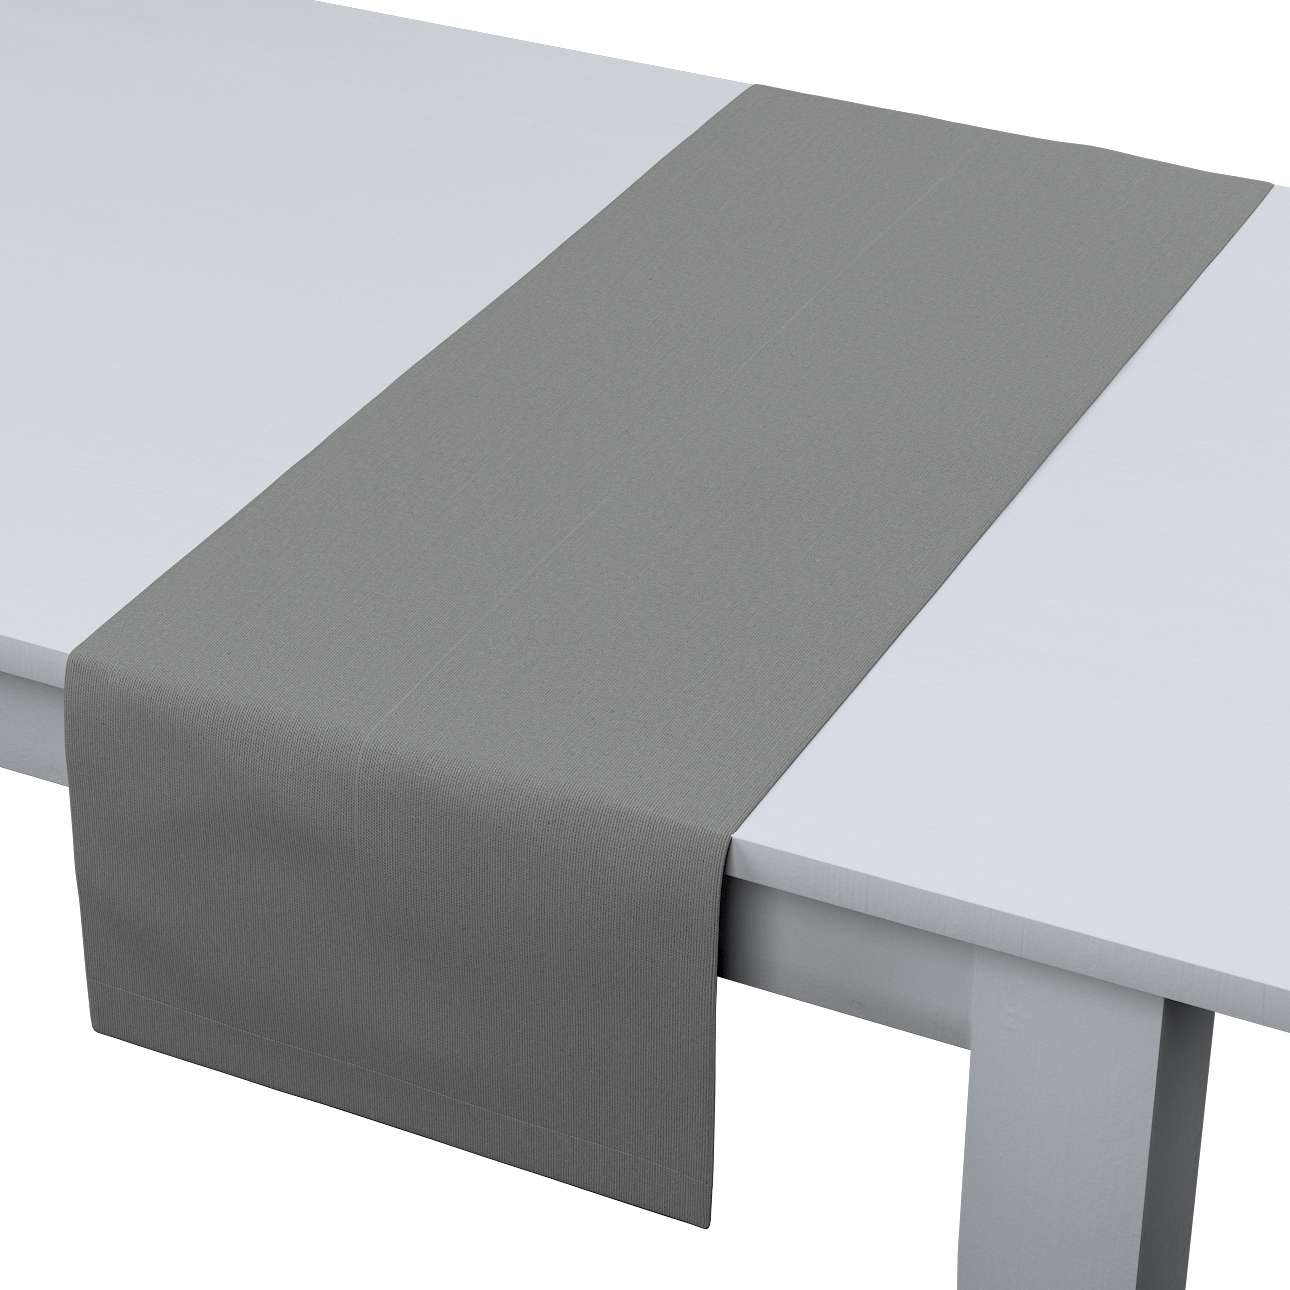 Rechteckiger Tischläufer 40 x 130 cm von der Kollektion Loneta, Stoff: 133-24